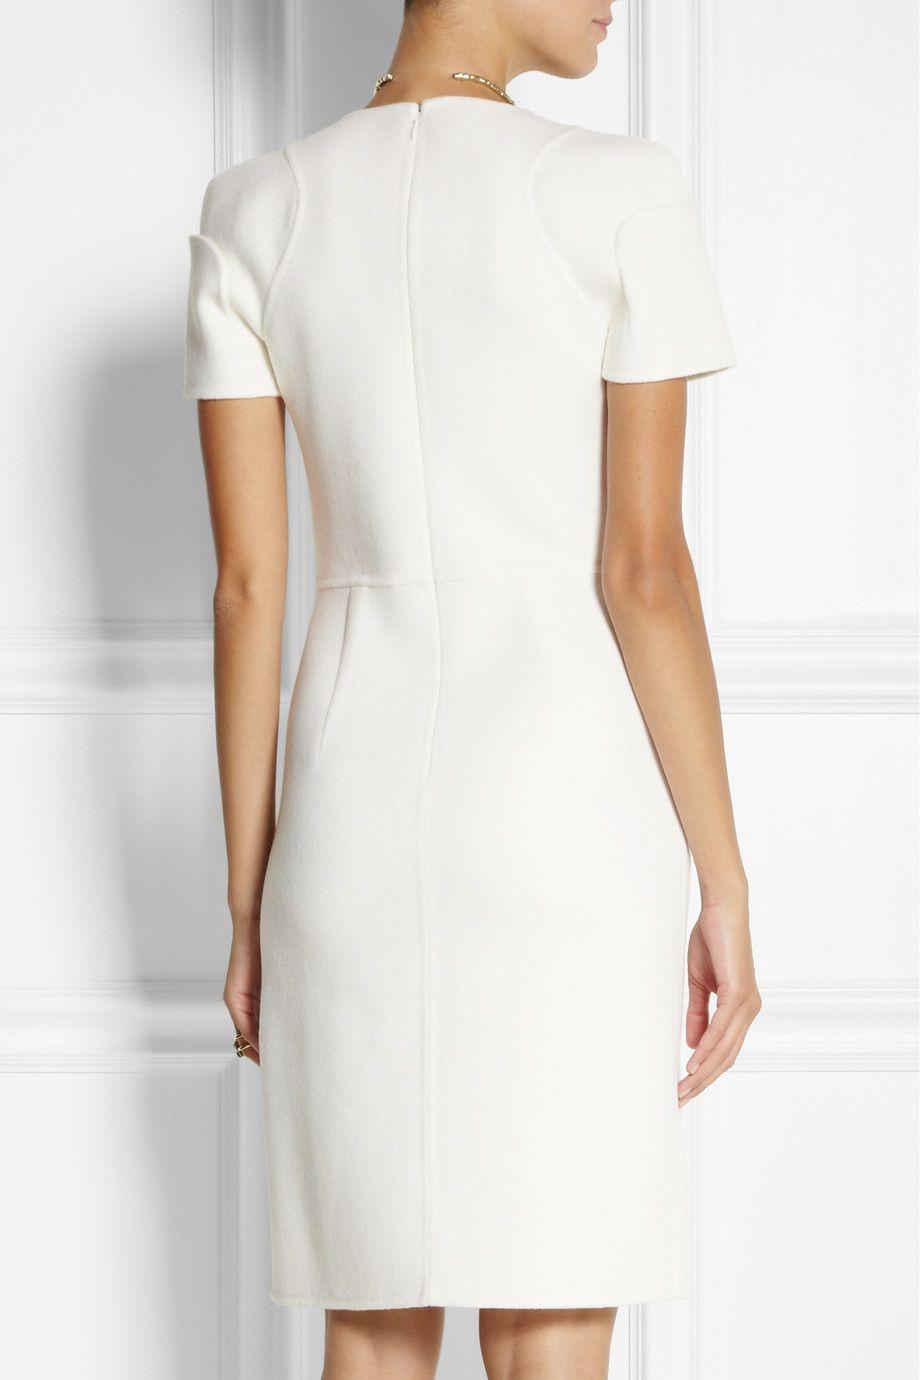 White Paneled Wool Felt Dress Fendi Dresses Fendi Dress Wool Felt Fabric [ 1380 x 920 Pixel ]